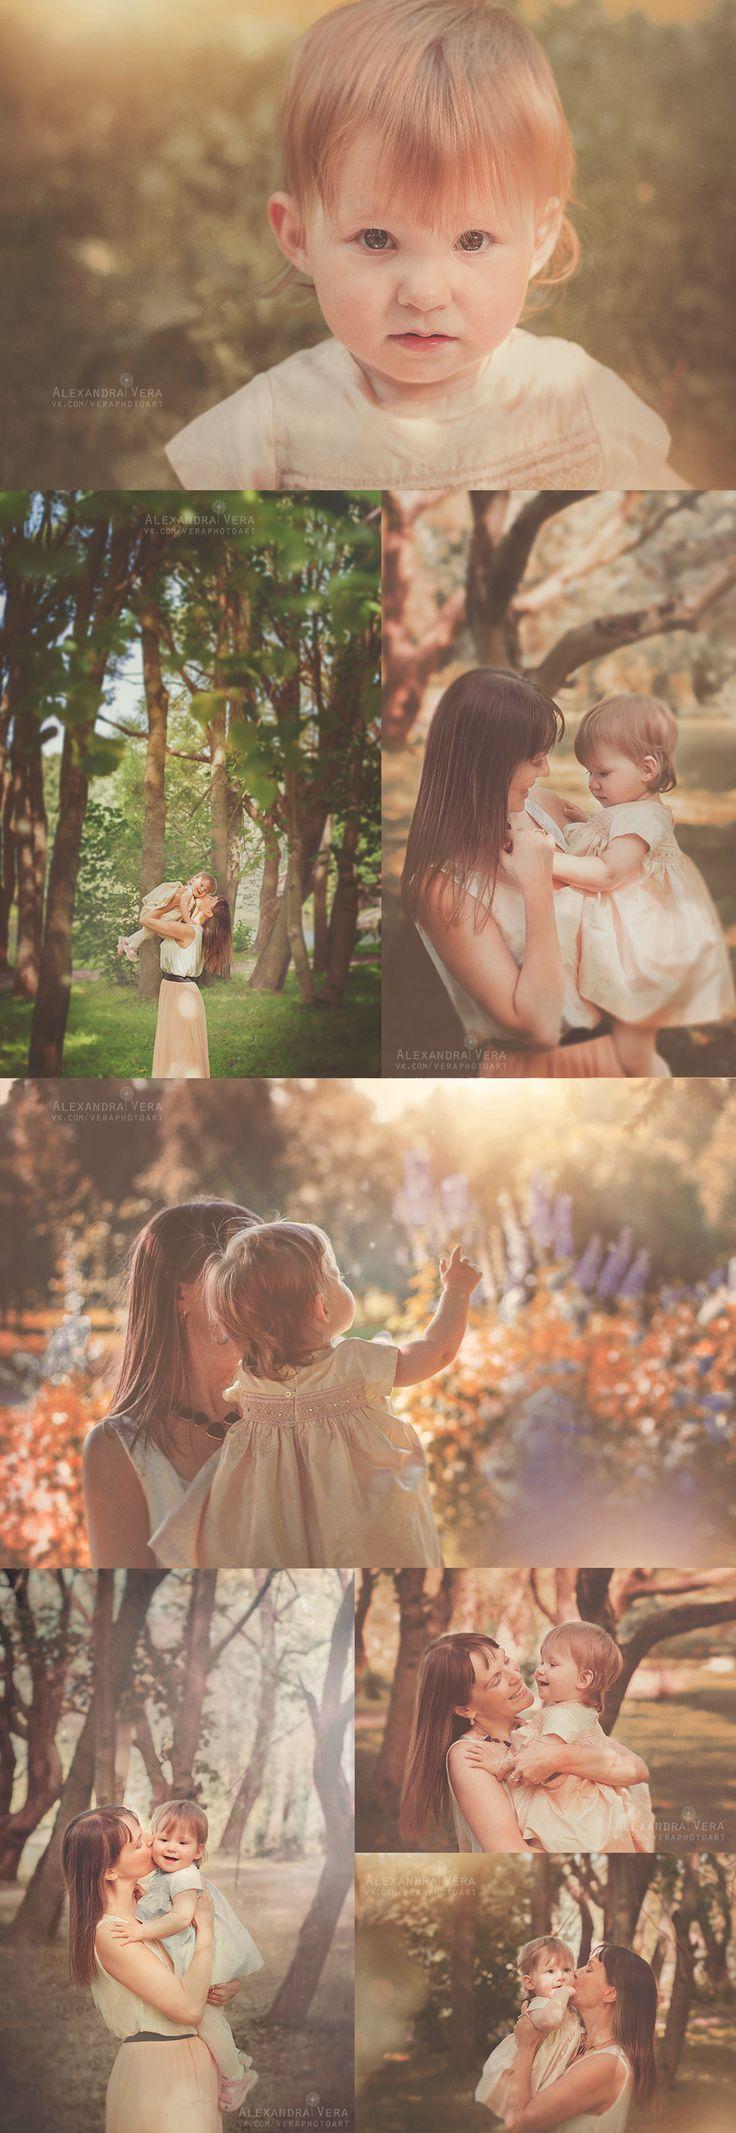 Семейная фотосессия идеи, семейный фотограф, детский фотограф, фотосессия на природе, трава, деревья, прогулка, парк, лес, мама и дочка, фотографии, детская фотография, семейная фотография, семья, любовь, семейное фото, семейная фотосъемка, дети